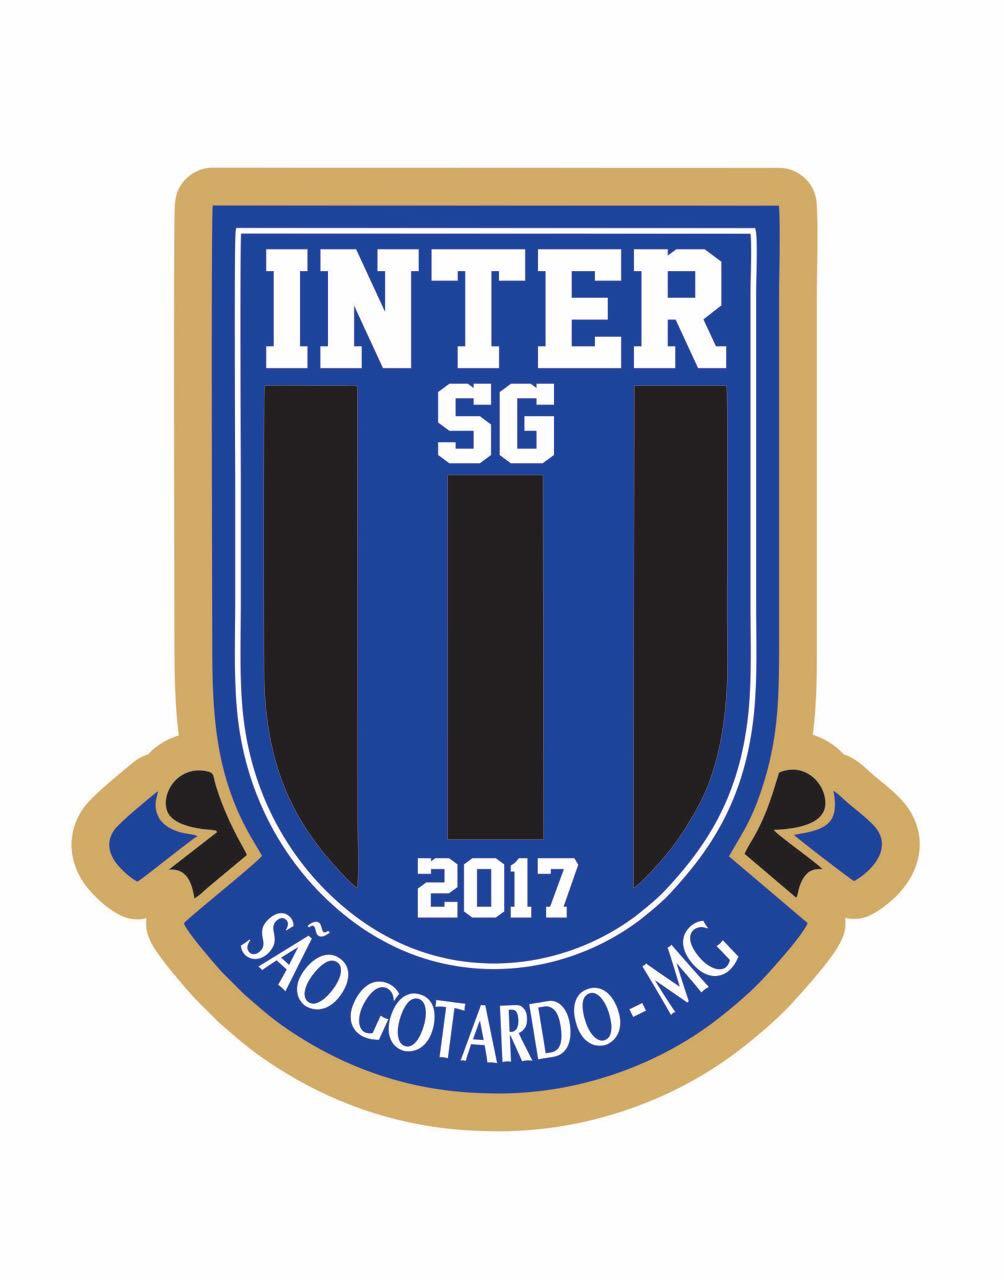 FMF - Federação Mineira de Futebol dcfb4ddc4834a